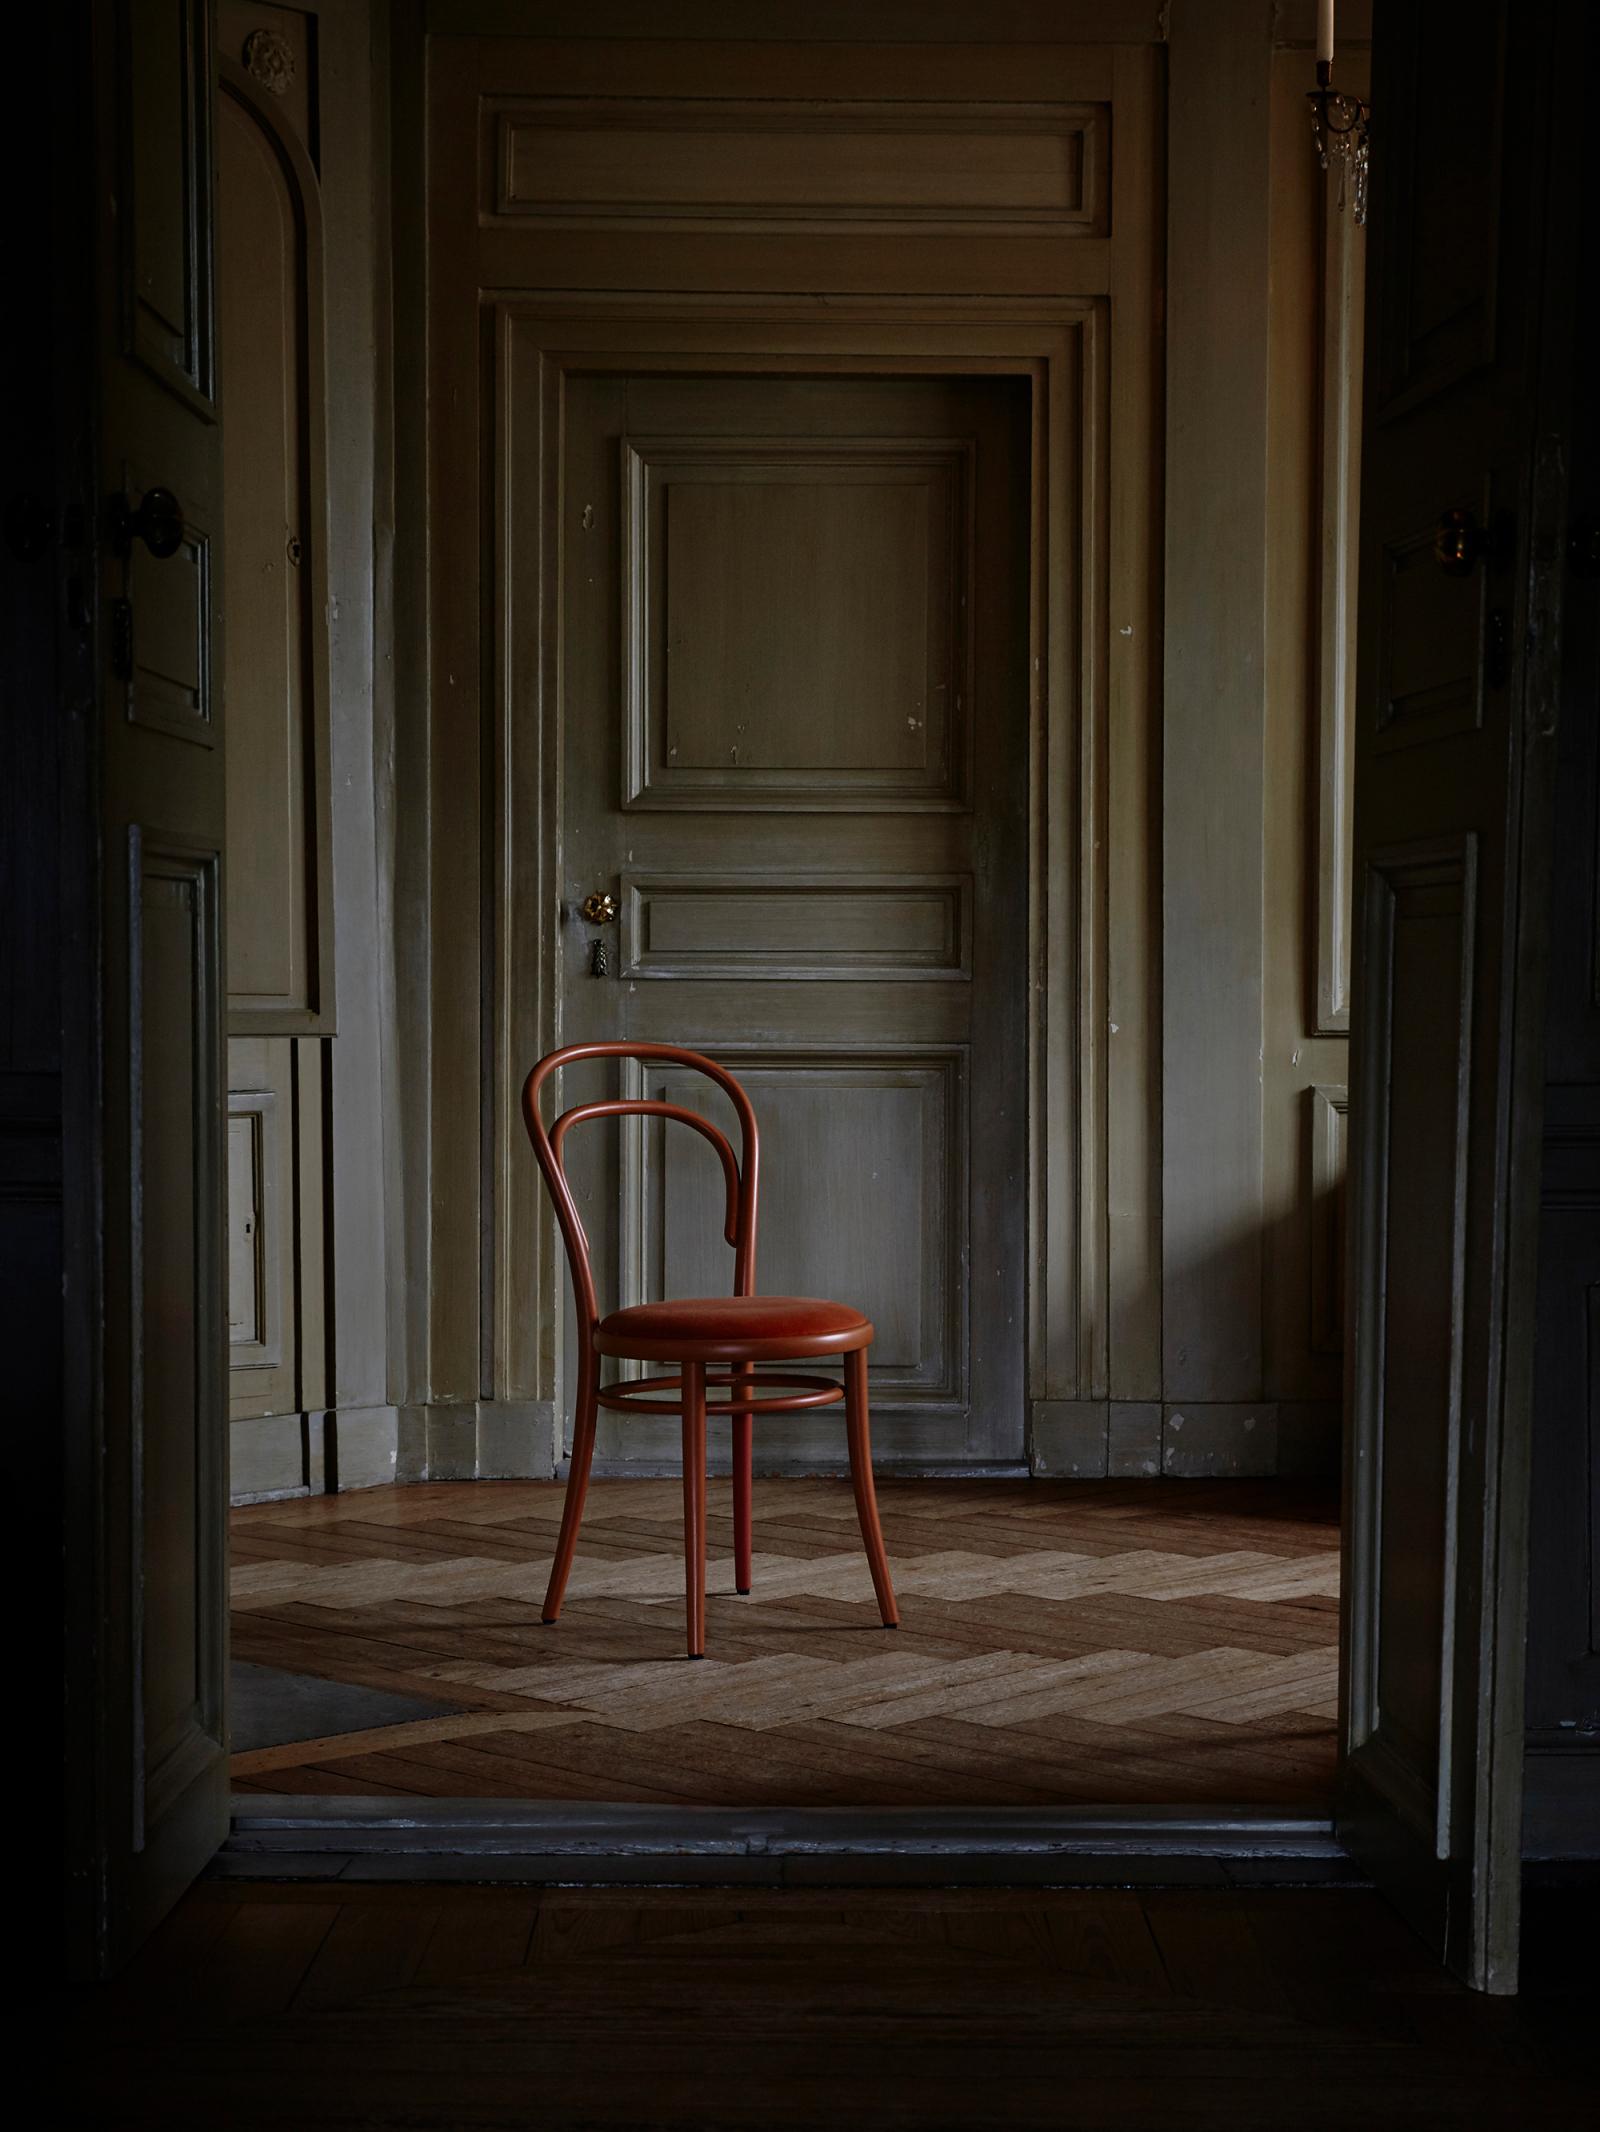 Artilleriet Exclusive - Chair 14 - Coral Velvet - Ton 3 790 SEK